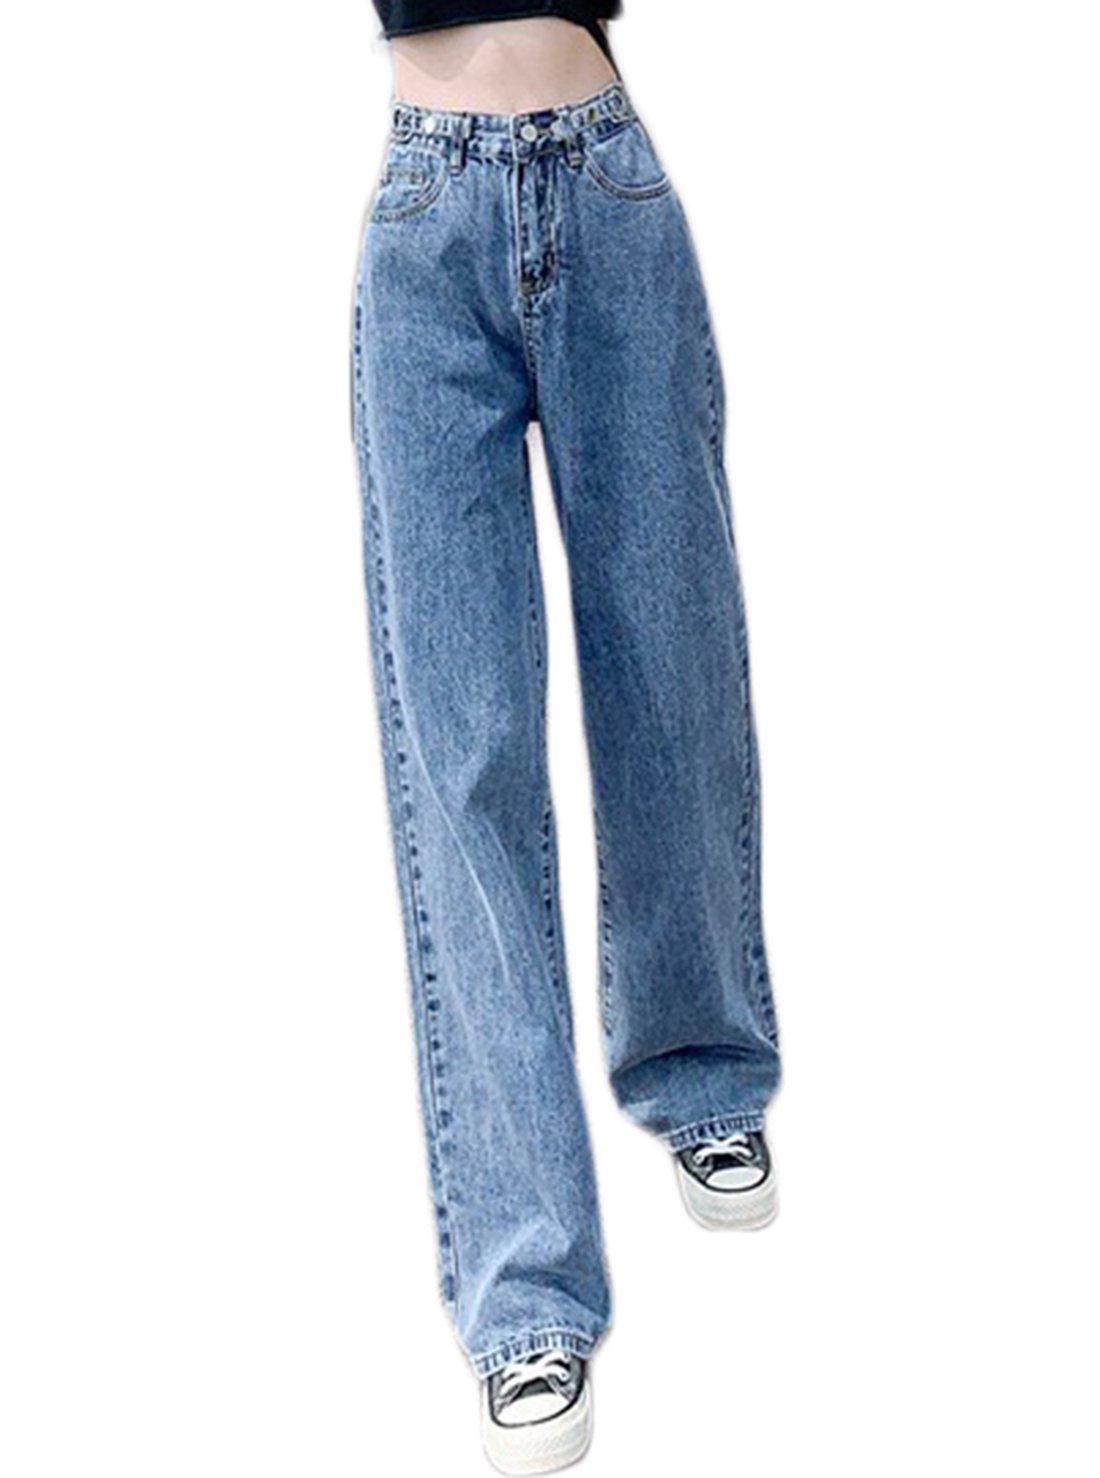 Shredded ladies' Jeans